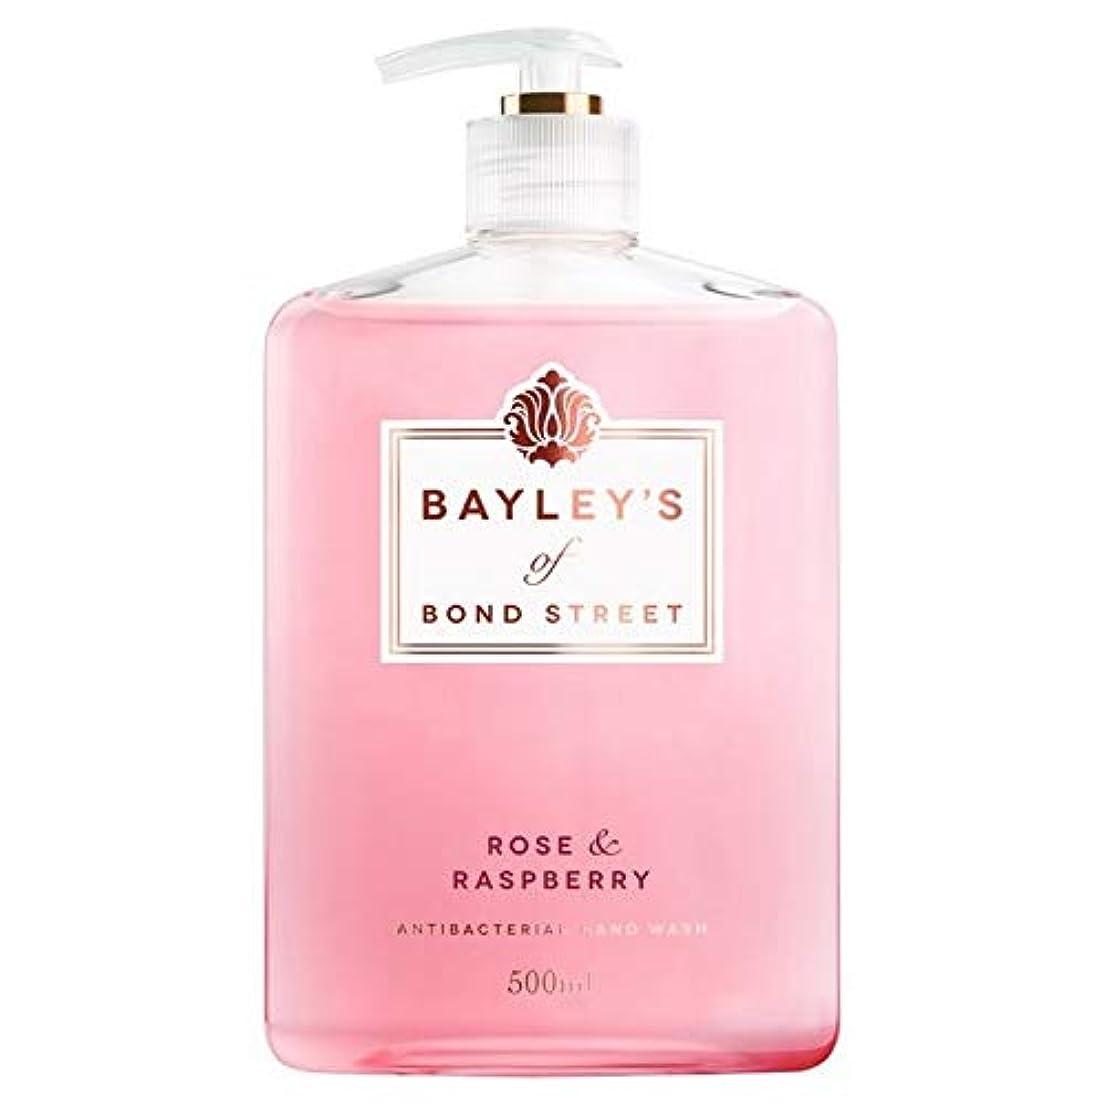 好意的活性化する実装する[Bayley's of Bond Street ] ベイリーのボンドストリートのは、ローズ&ラズベリーのハンドウォッシュ500ミリリットル - Bayley's of Bond Street Rose & Raspberry Hand Wash 500ml [並行輸入品]